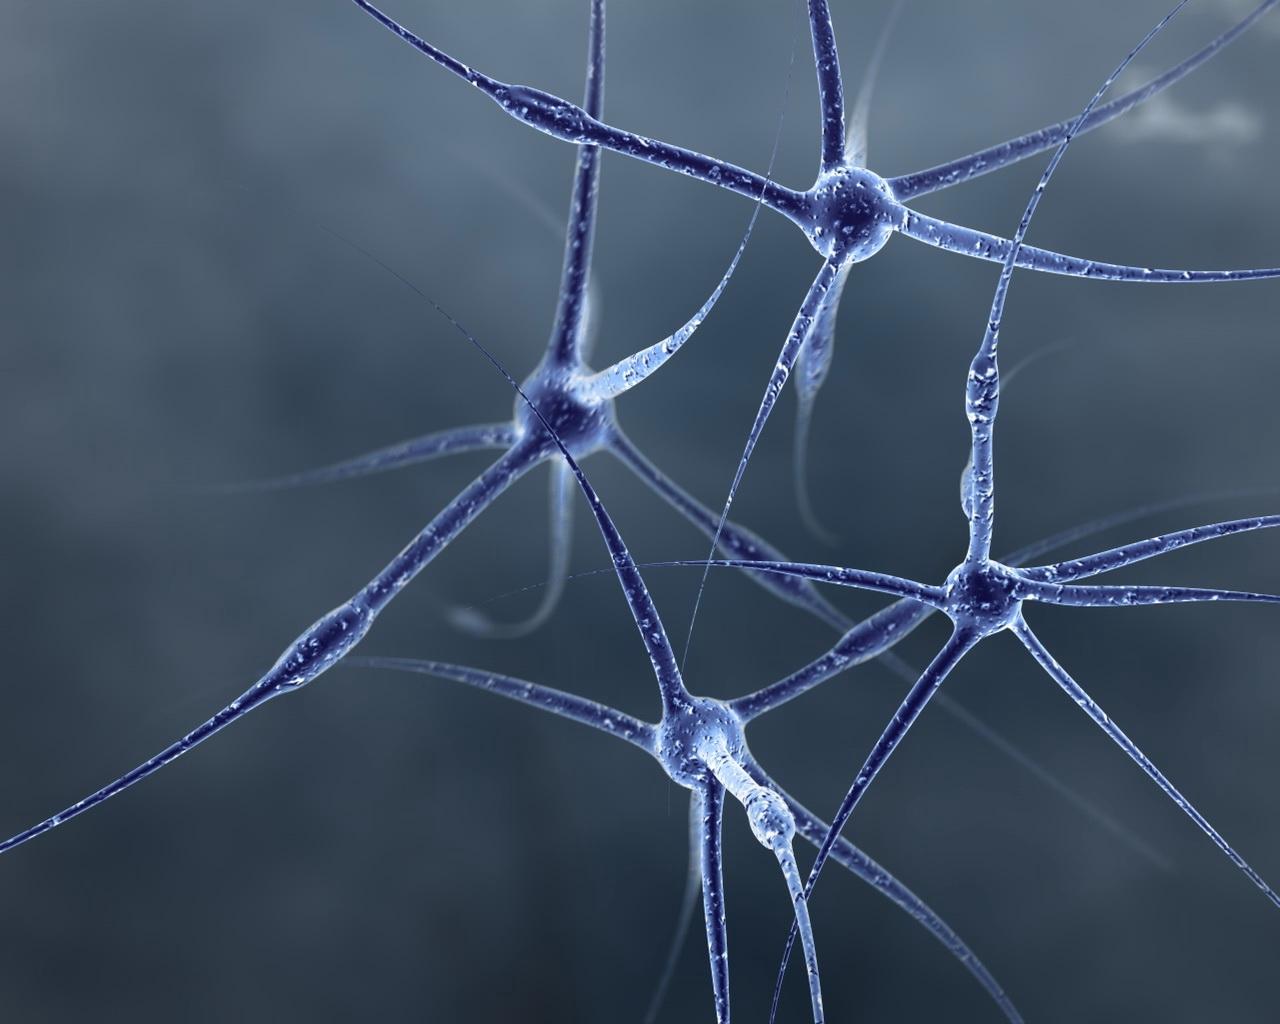 Нервные клетки восстанавливаются секс 13 фотография